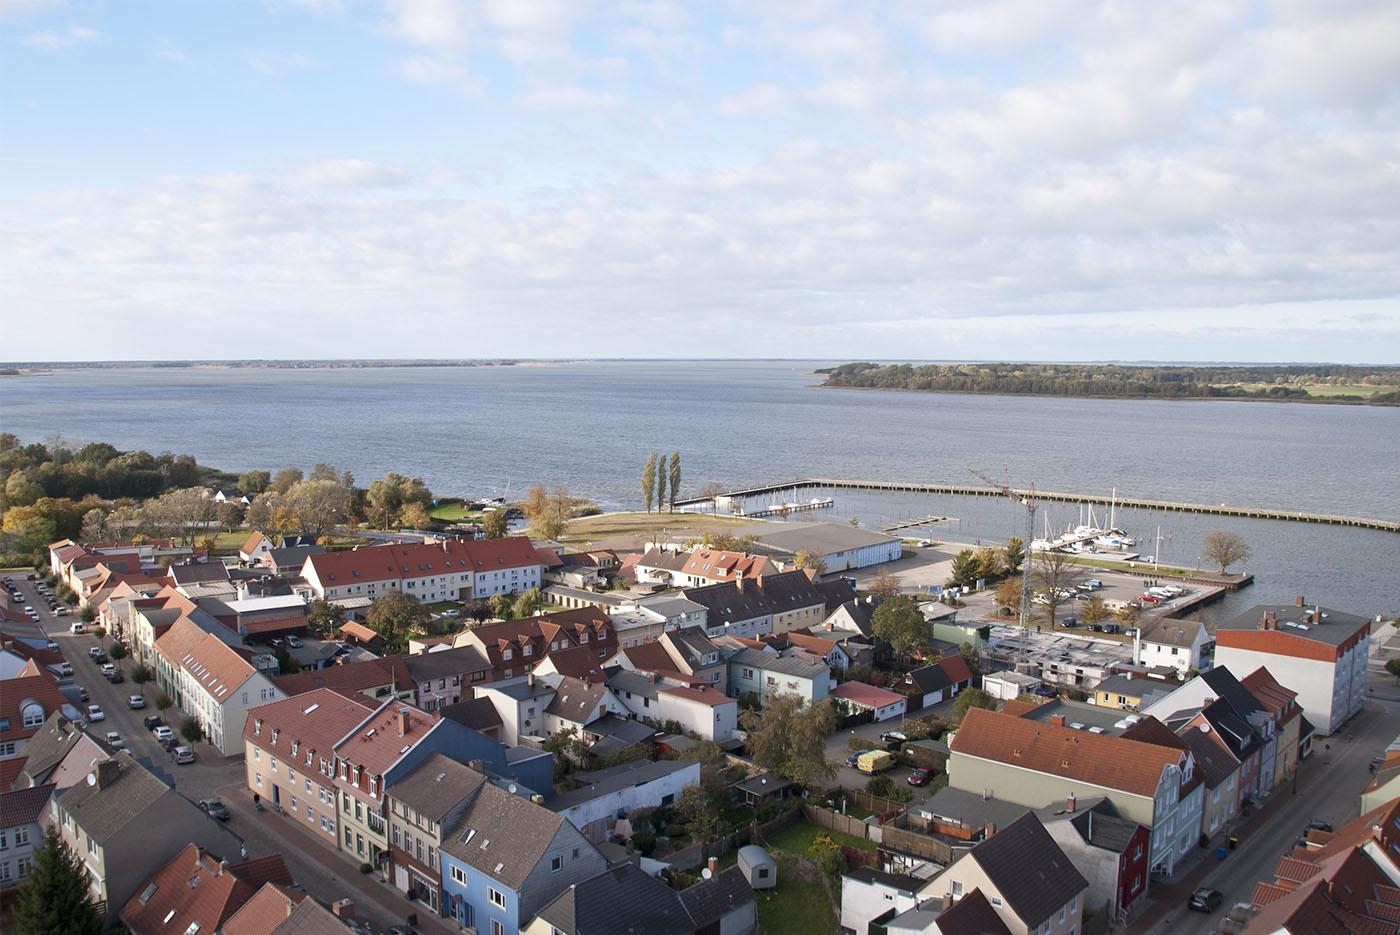 Ribnitz-Damgarten – Die Bernstein-Stadt An Der Ostsee